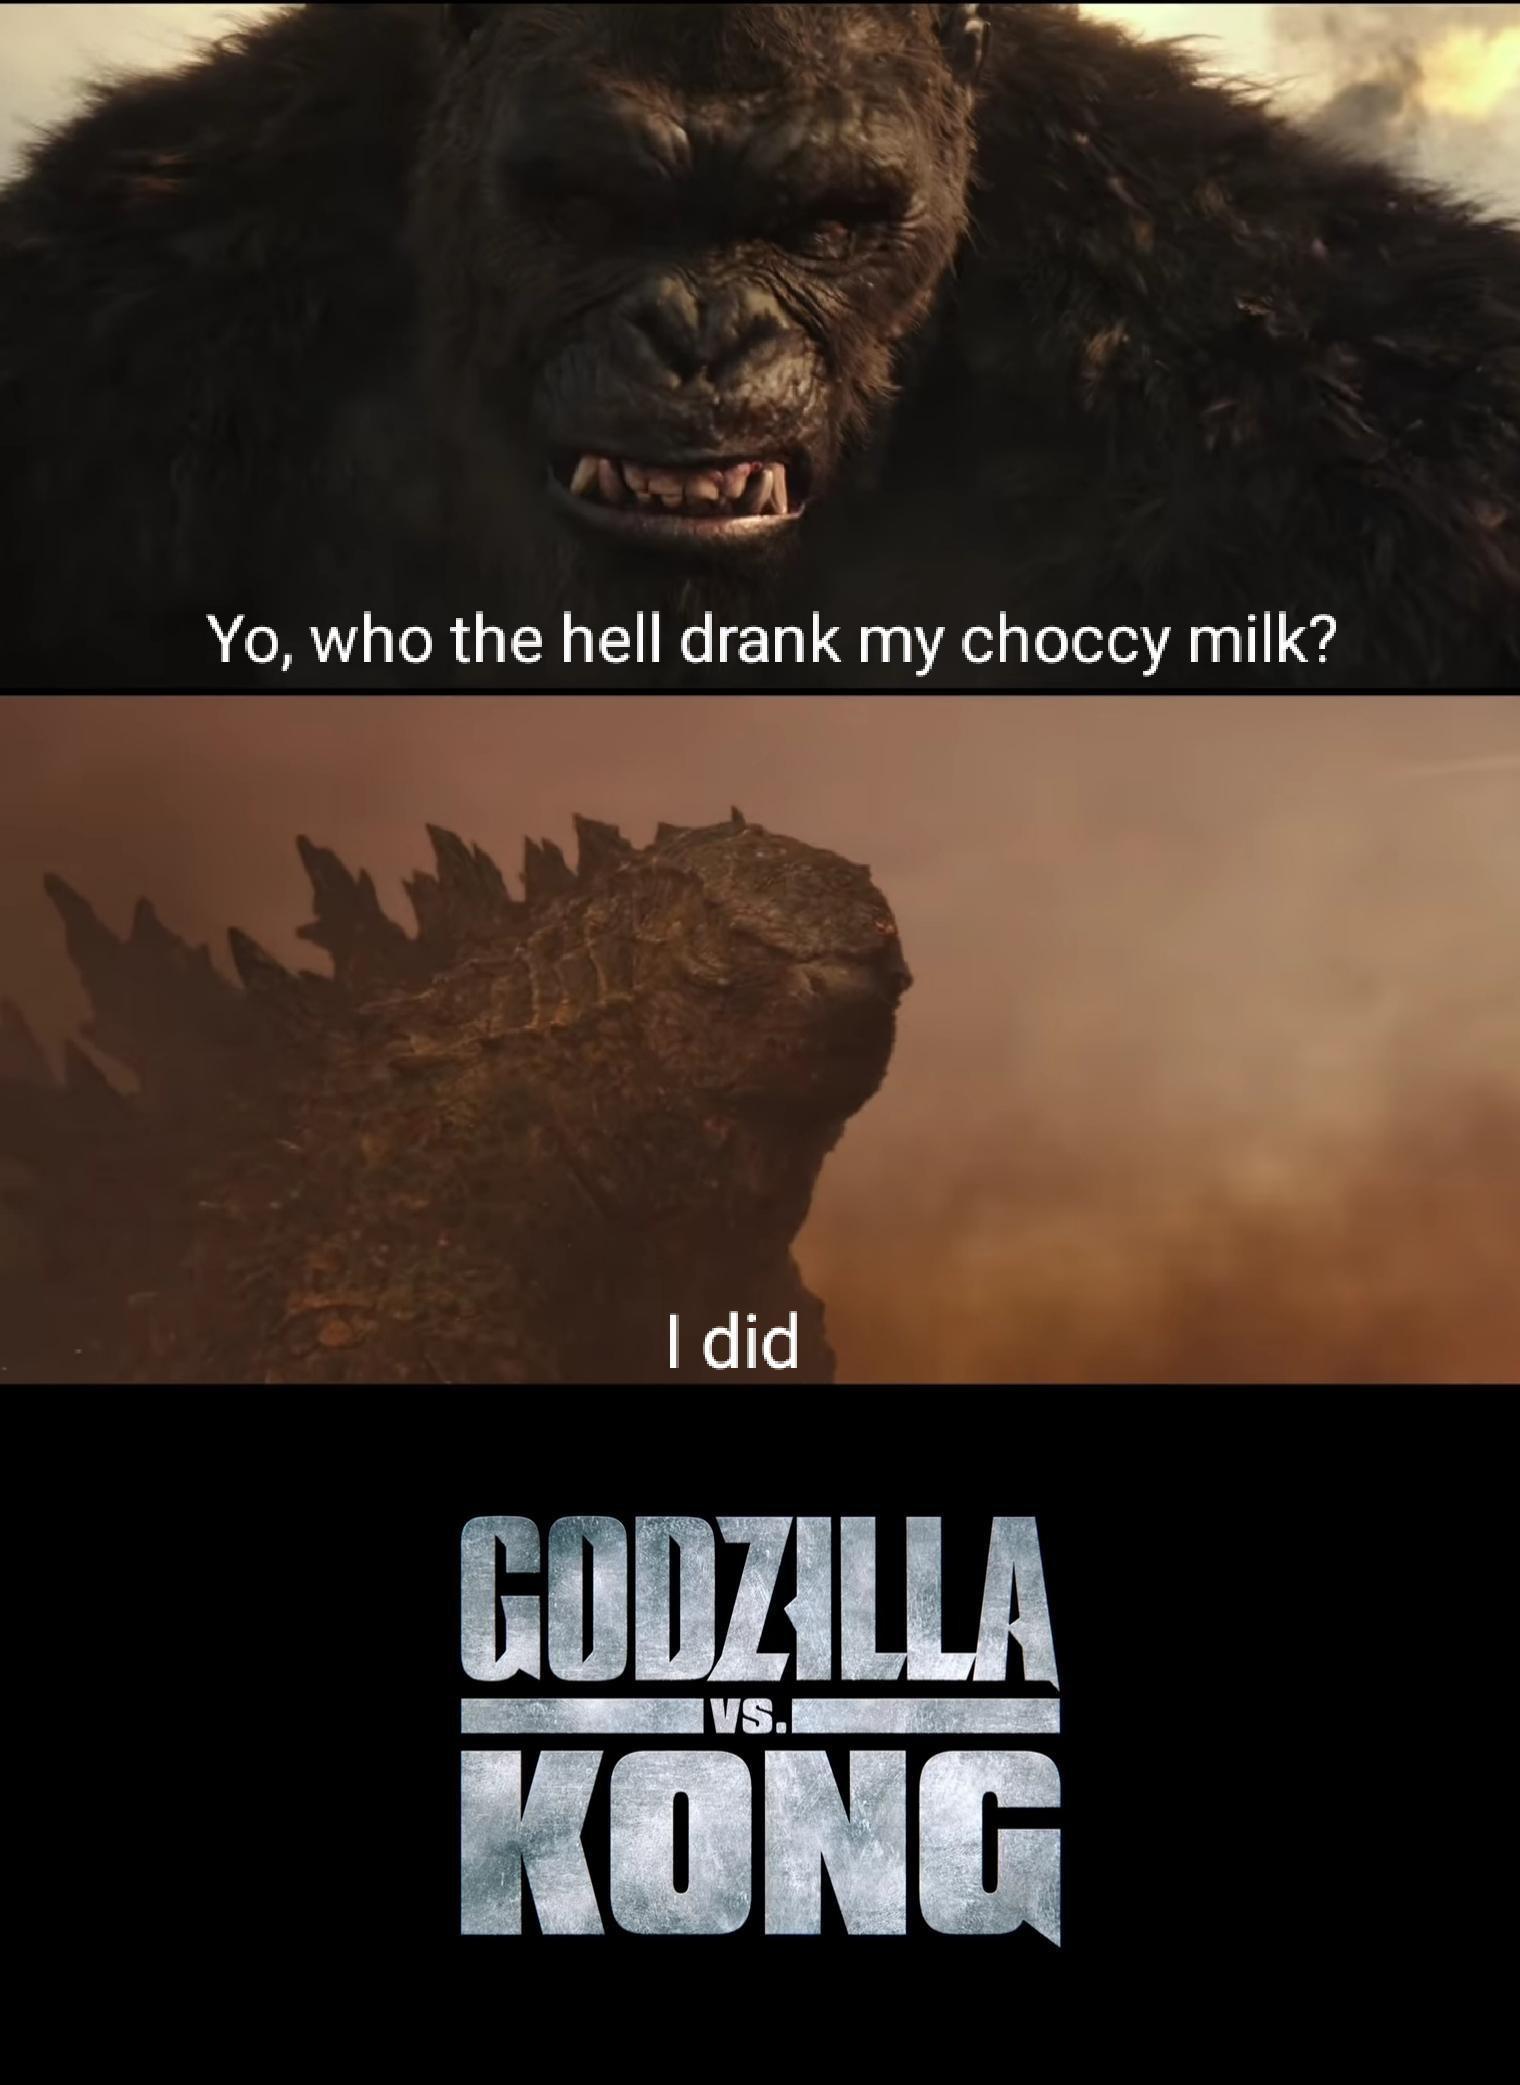 Memes Godzilla versus King Kong